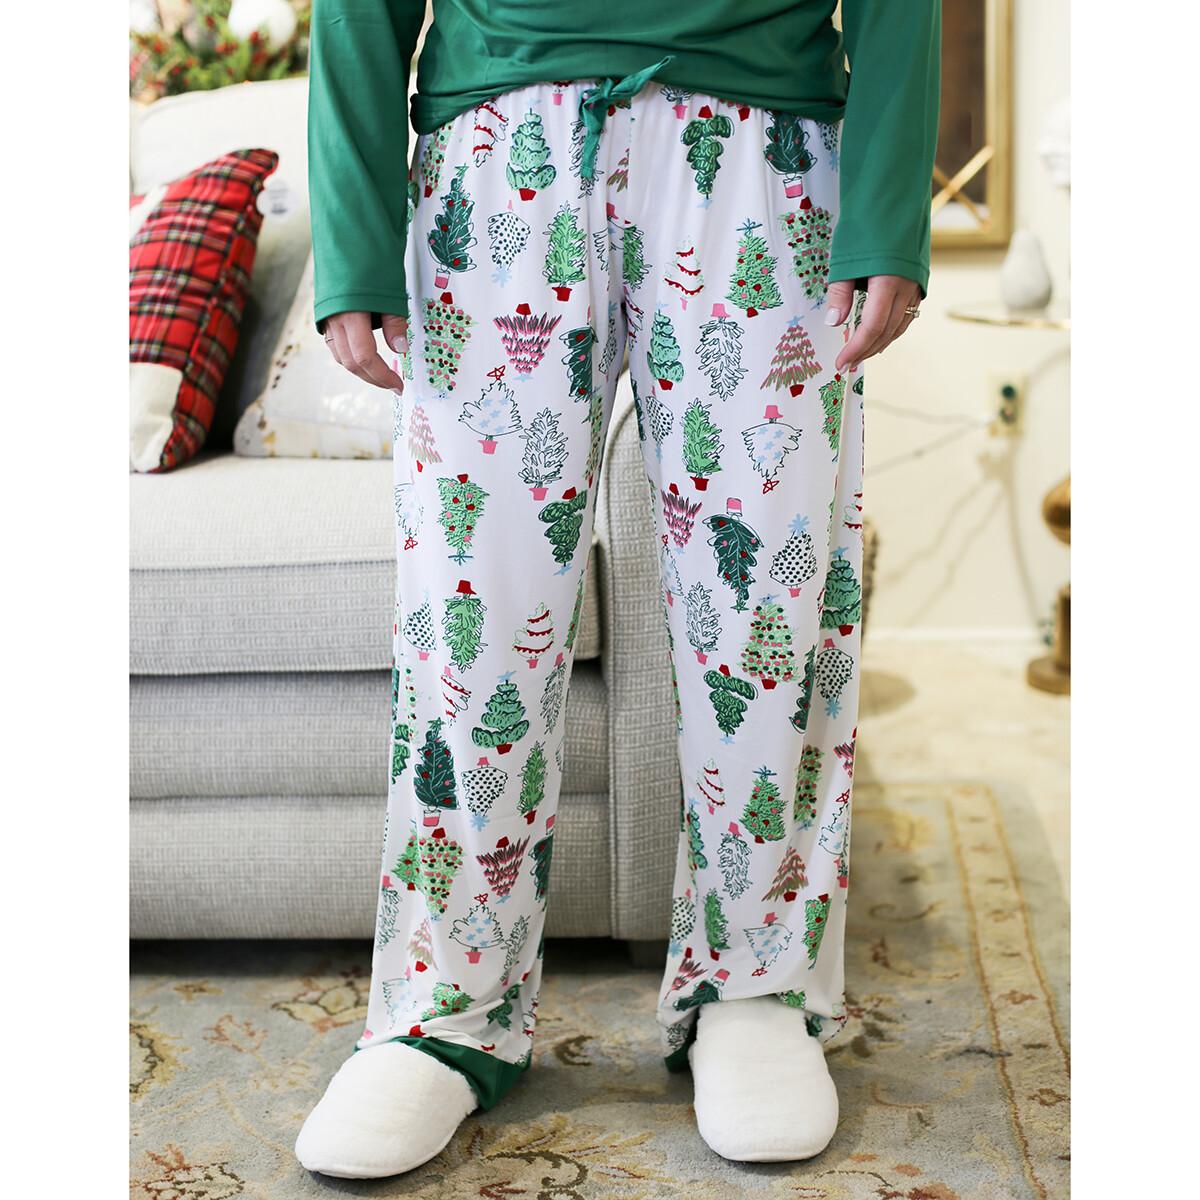 Large Adult Treeful PJ pants